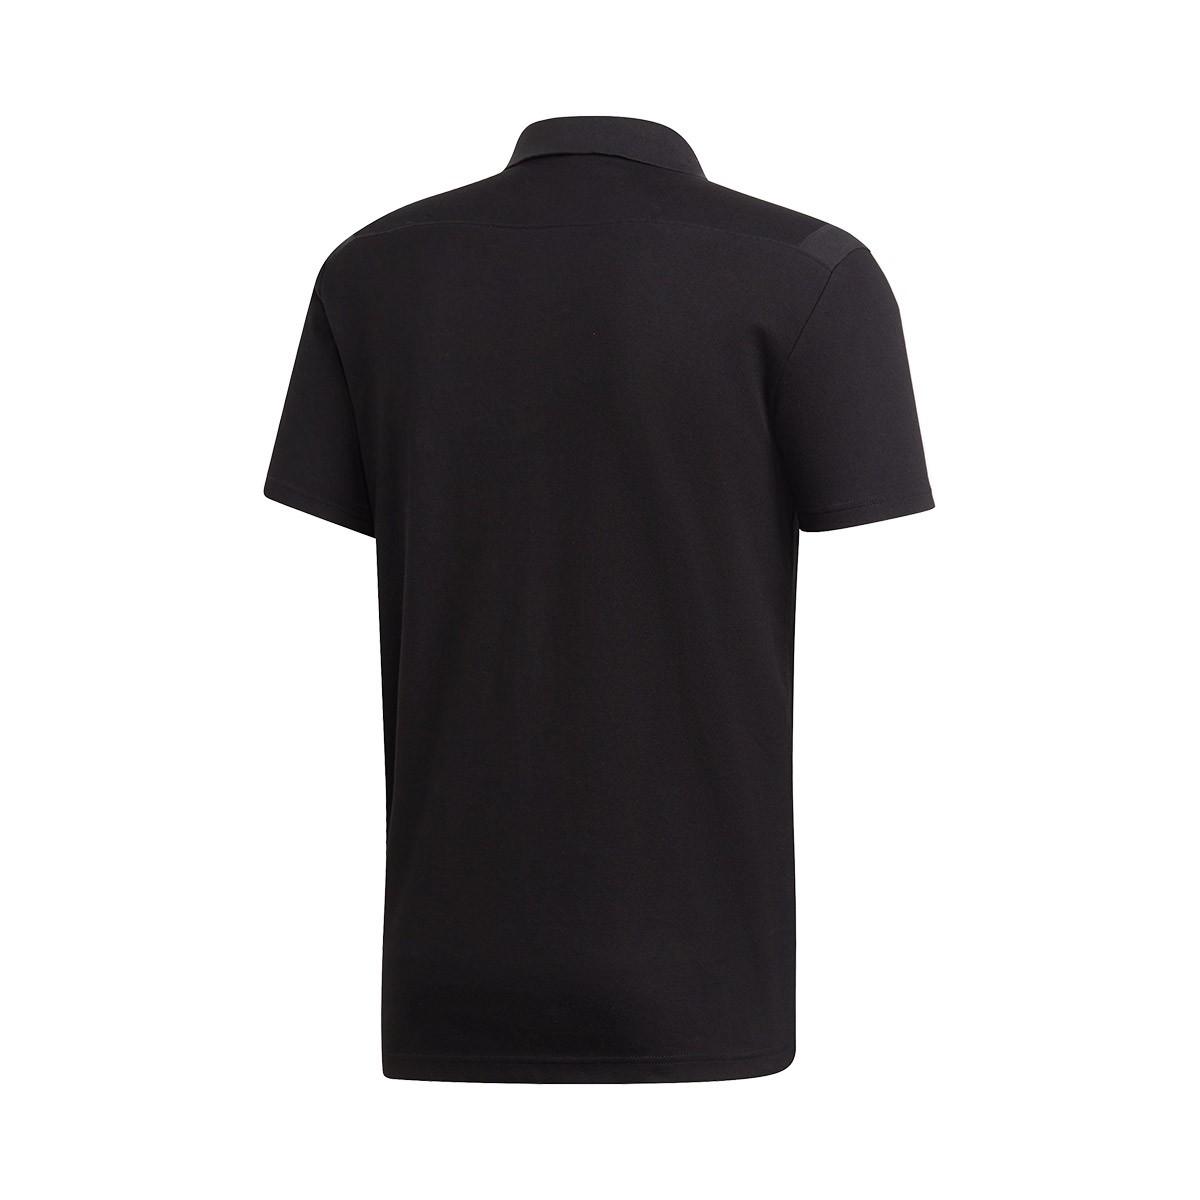 adidas Tiro 19 mc Polo shirt